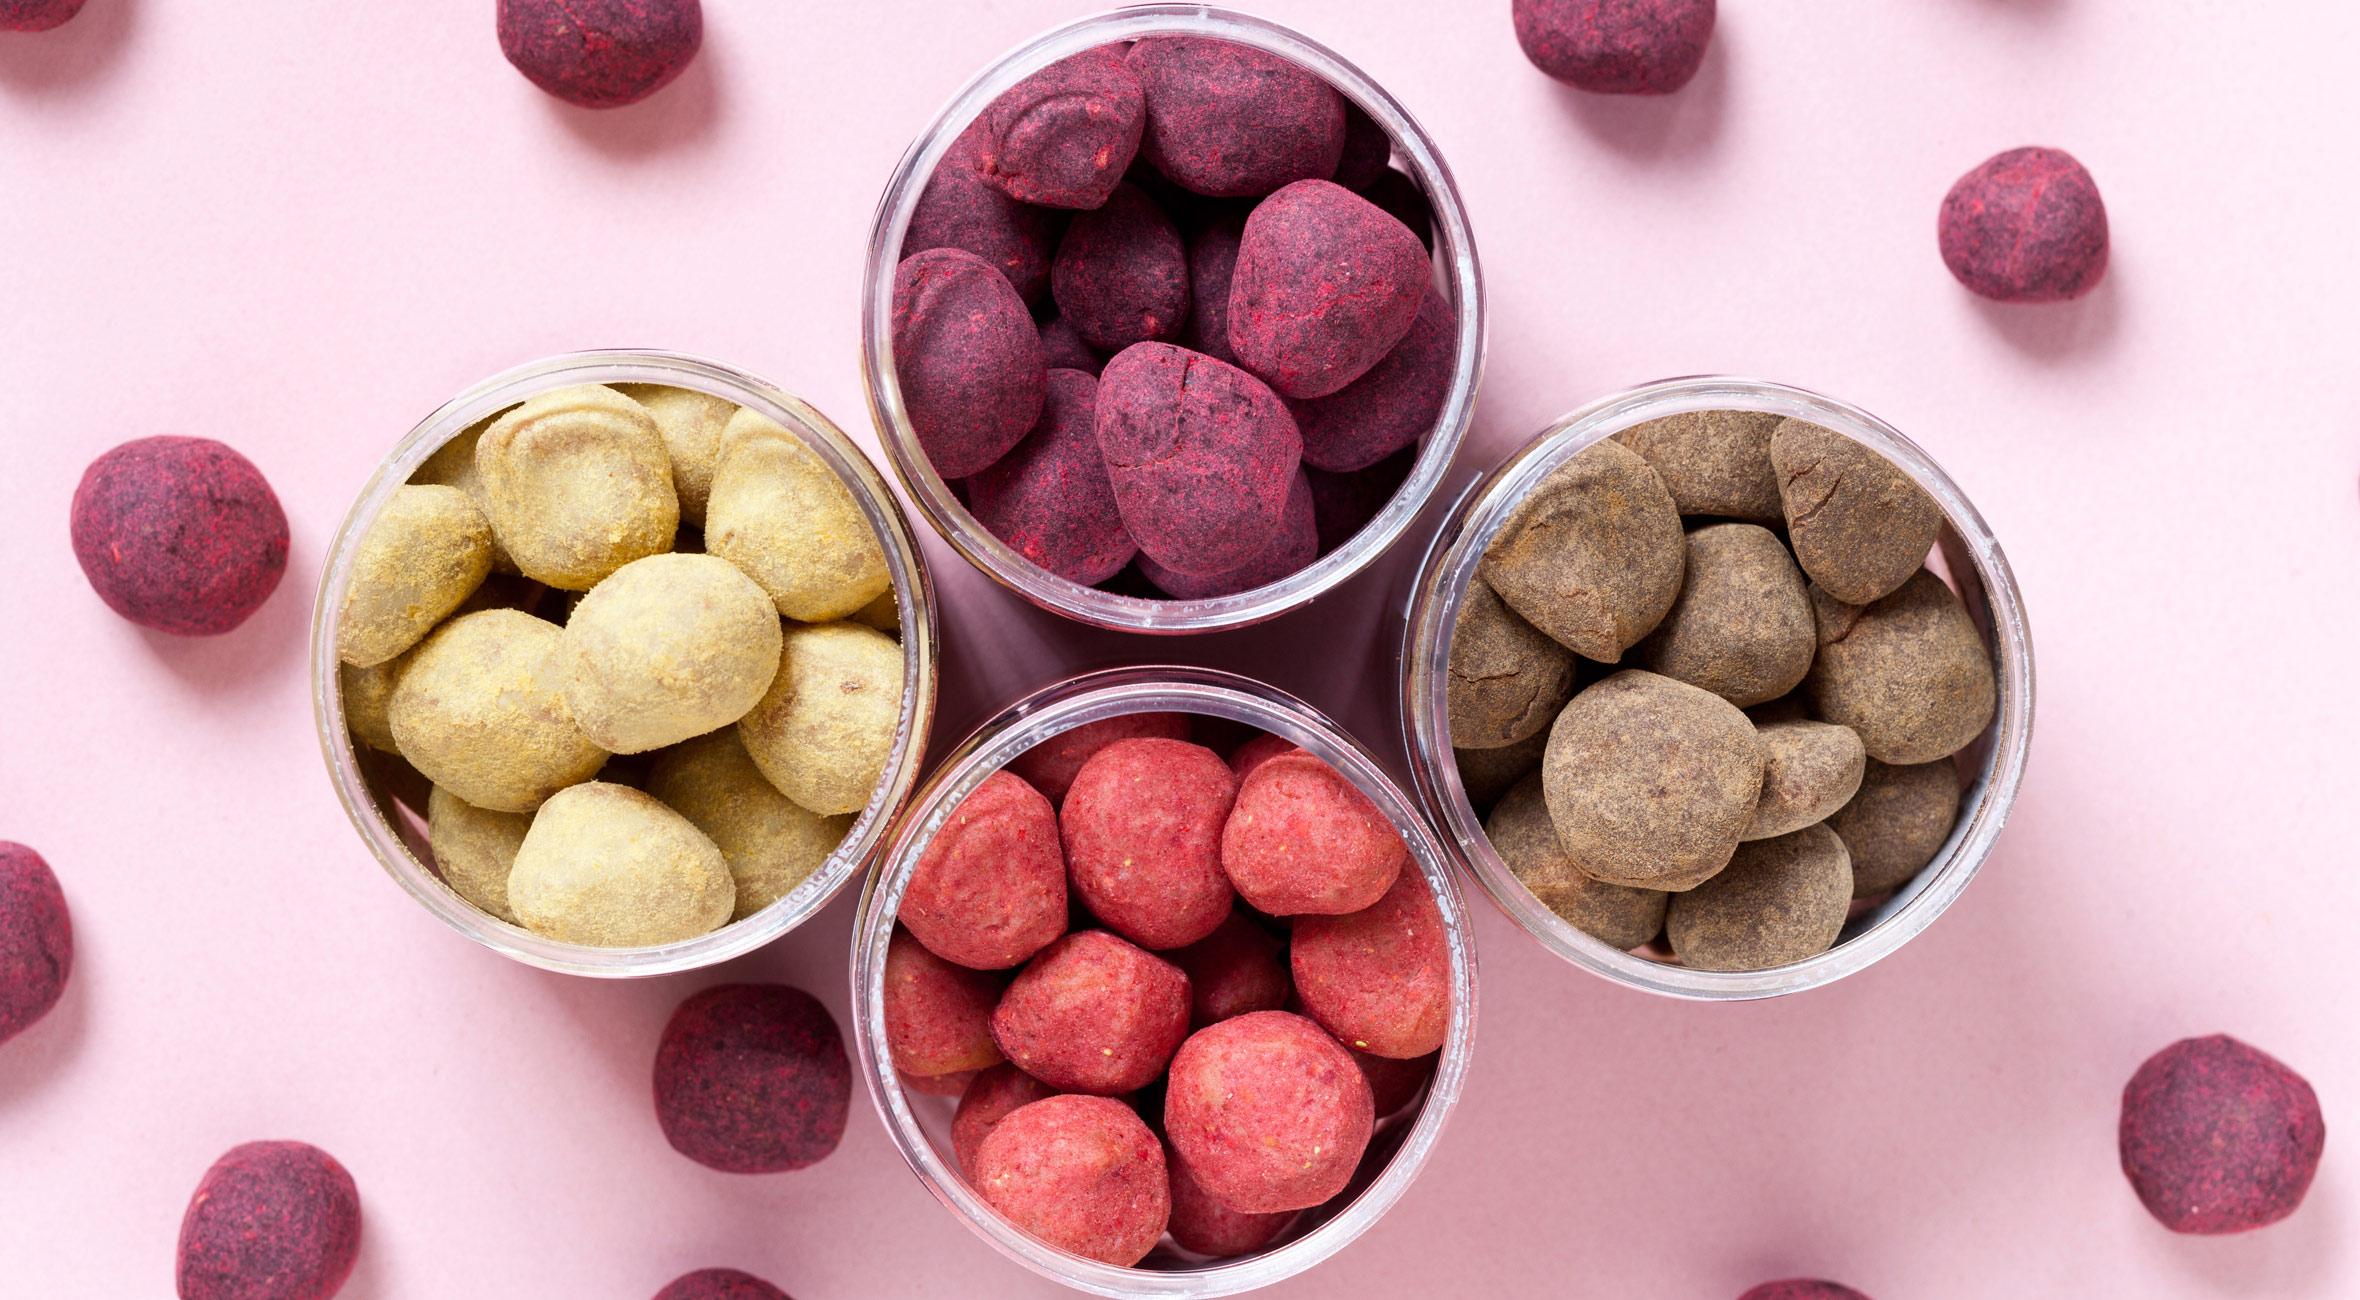 Frit valg til alt hos Karamelleriet i Jægersborggade – Få alt fra chokoladekarameller med lakrids til saltkaramel og vaniljefudge med passionsfrugt & hvid chokolade